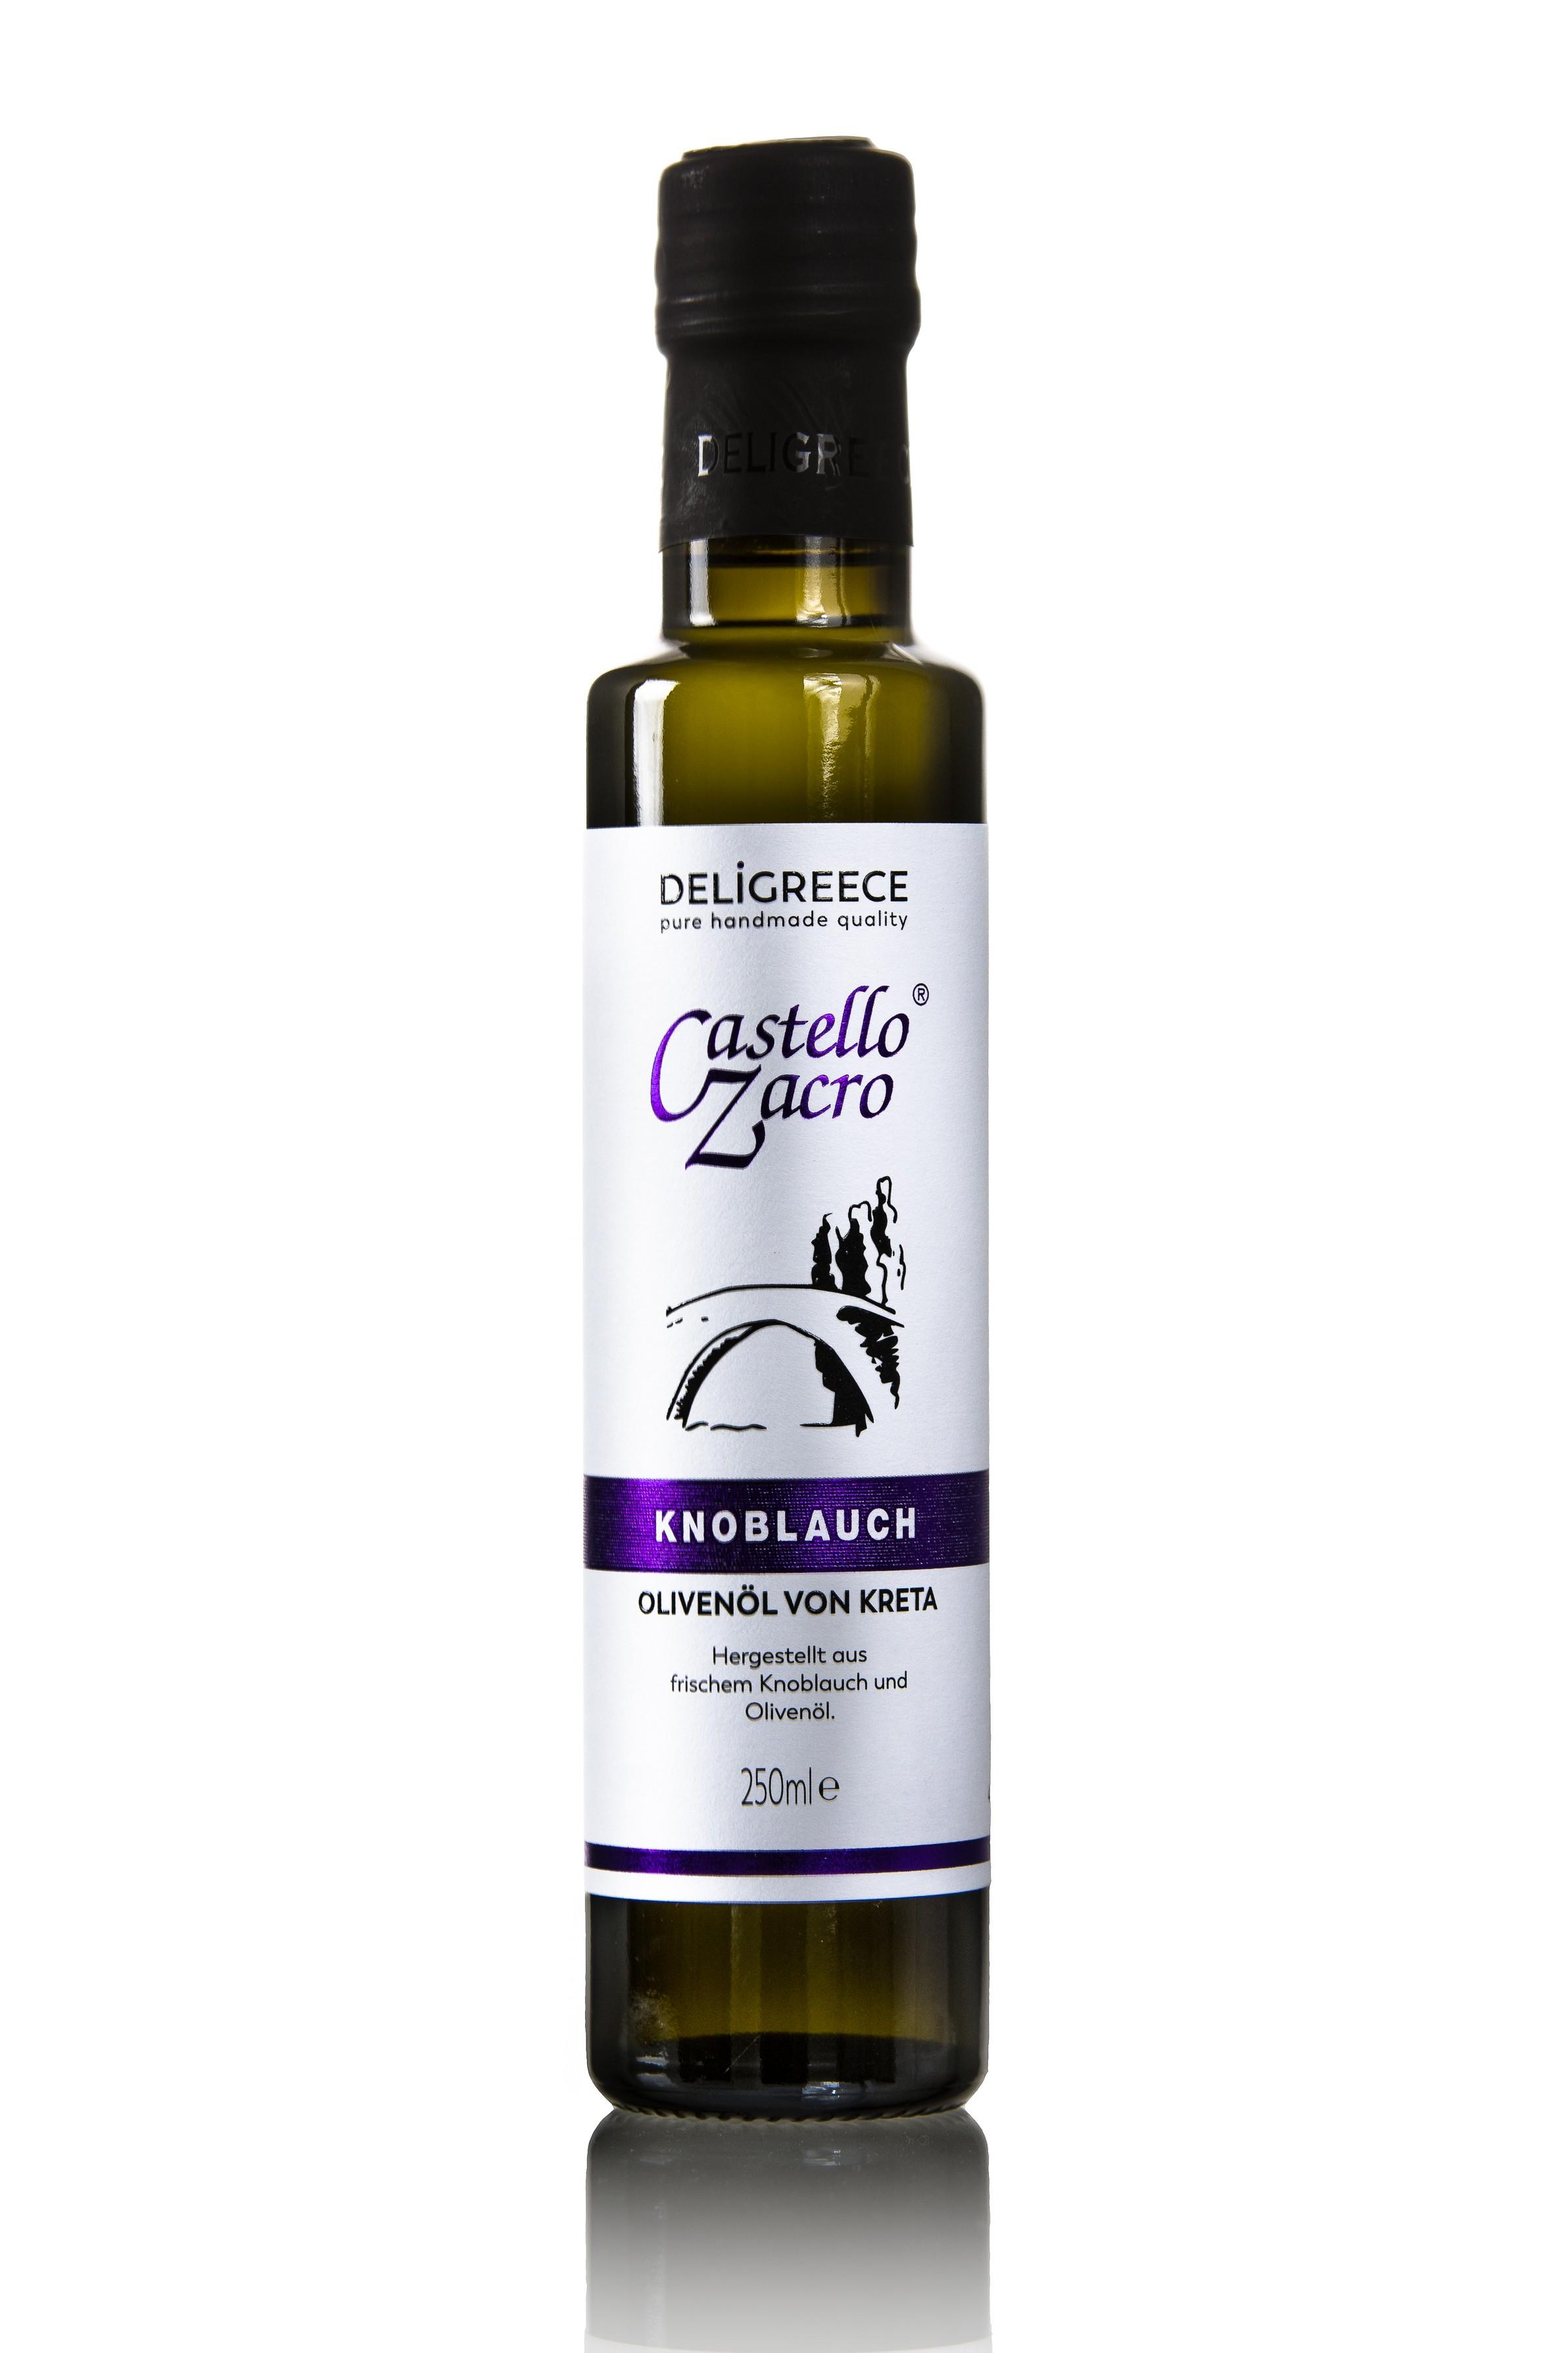 Knoblauch-Olivenöl Castello Zacro 250ml